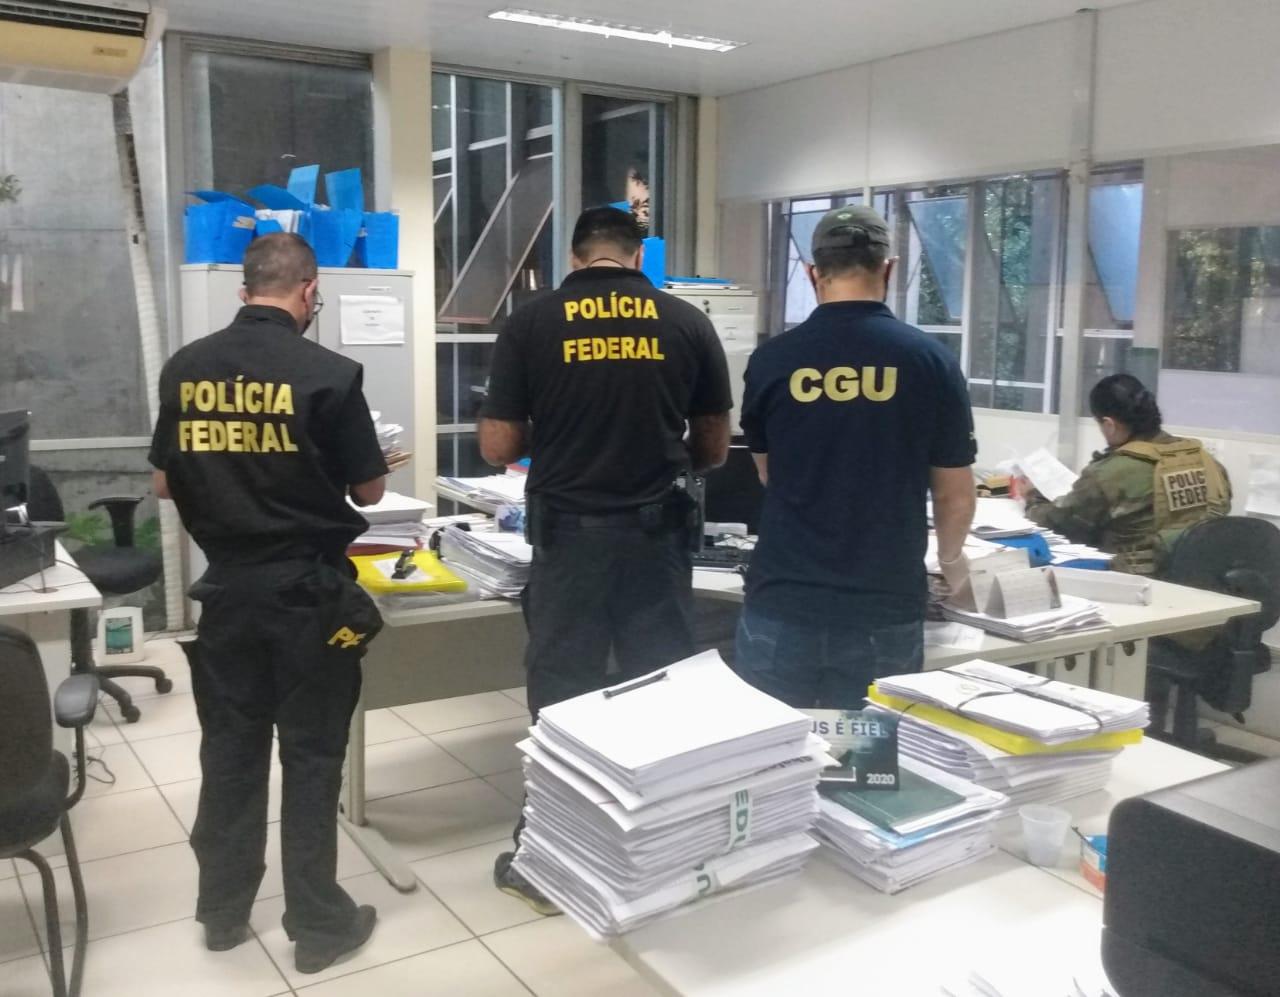 PF faz buscas na Seduc na terceira fase da Operação Topique - Foto: Divulgação